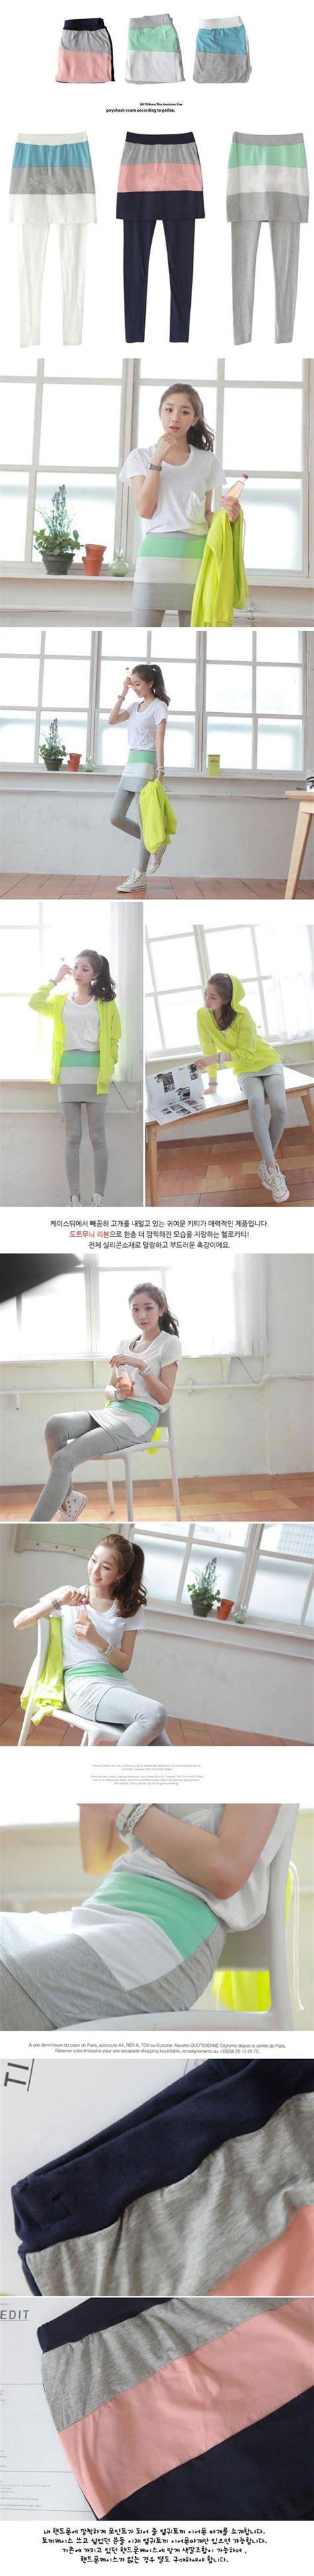 Legging Renda Biru Tua Elegan b68044sa idr 108 k legging legs